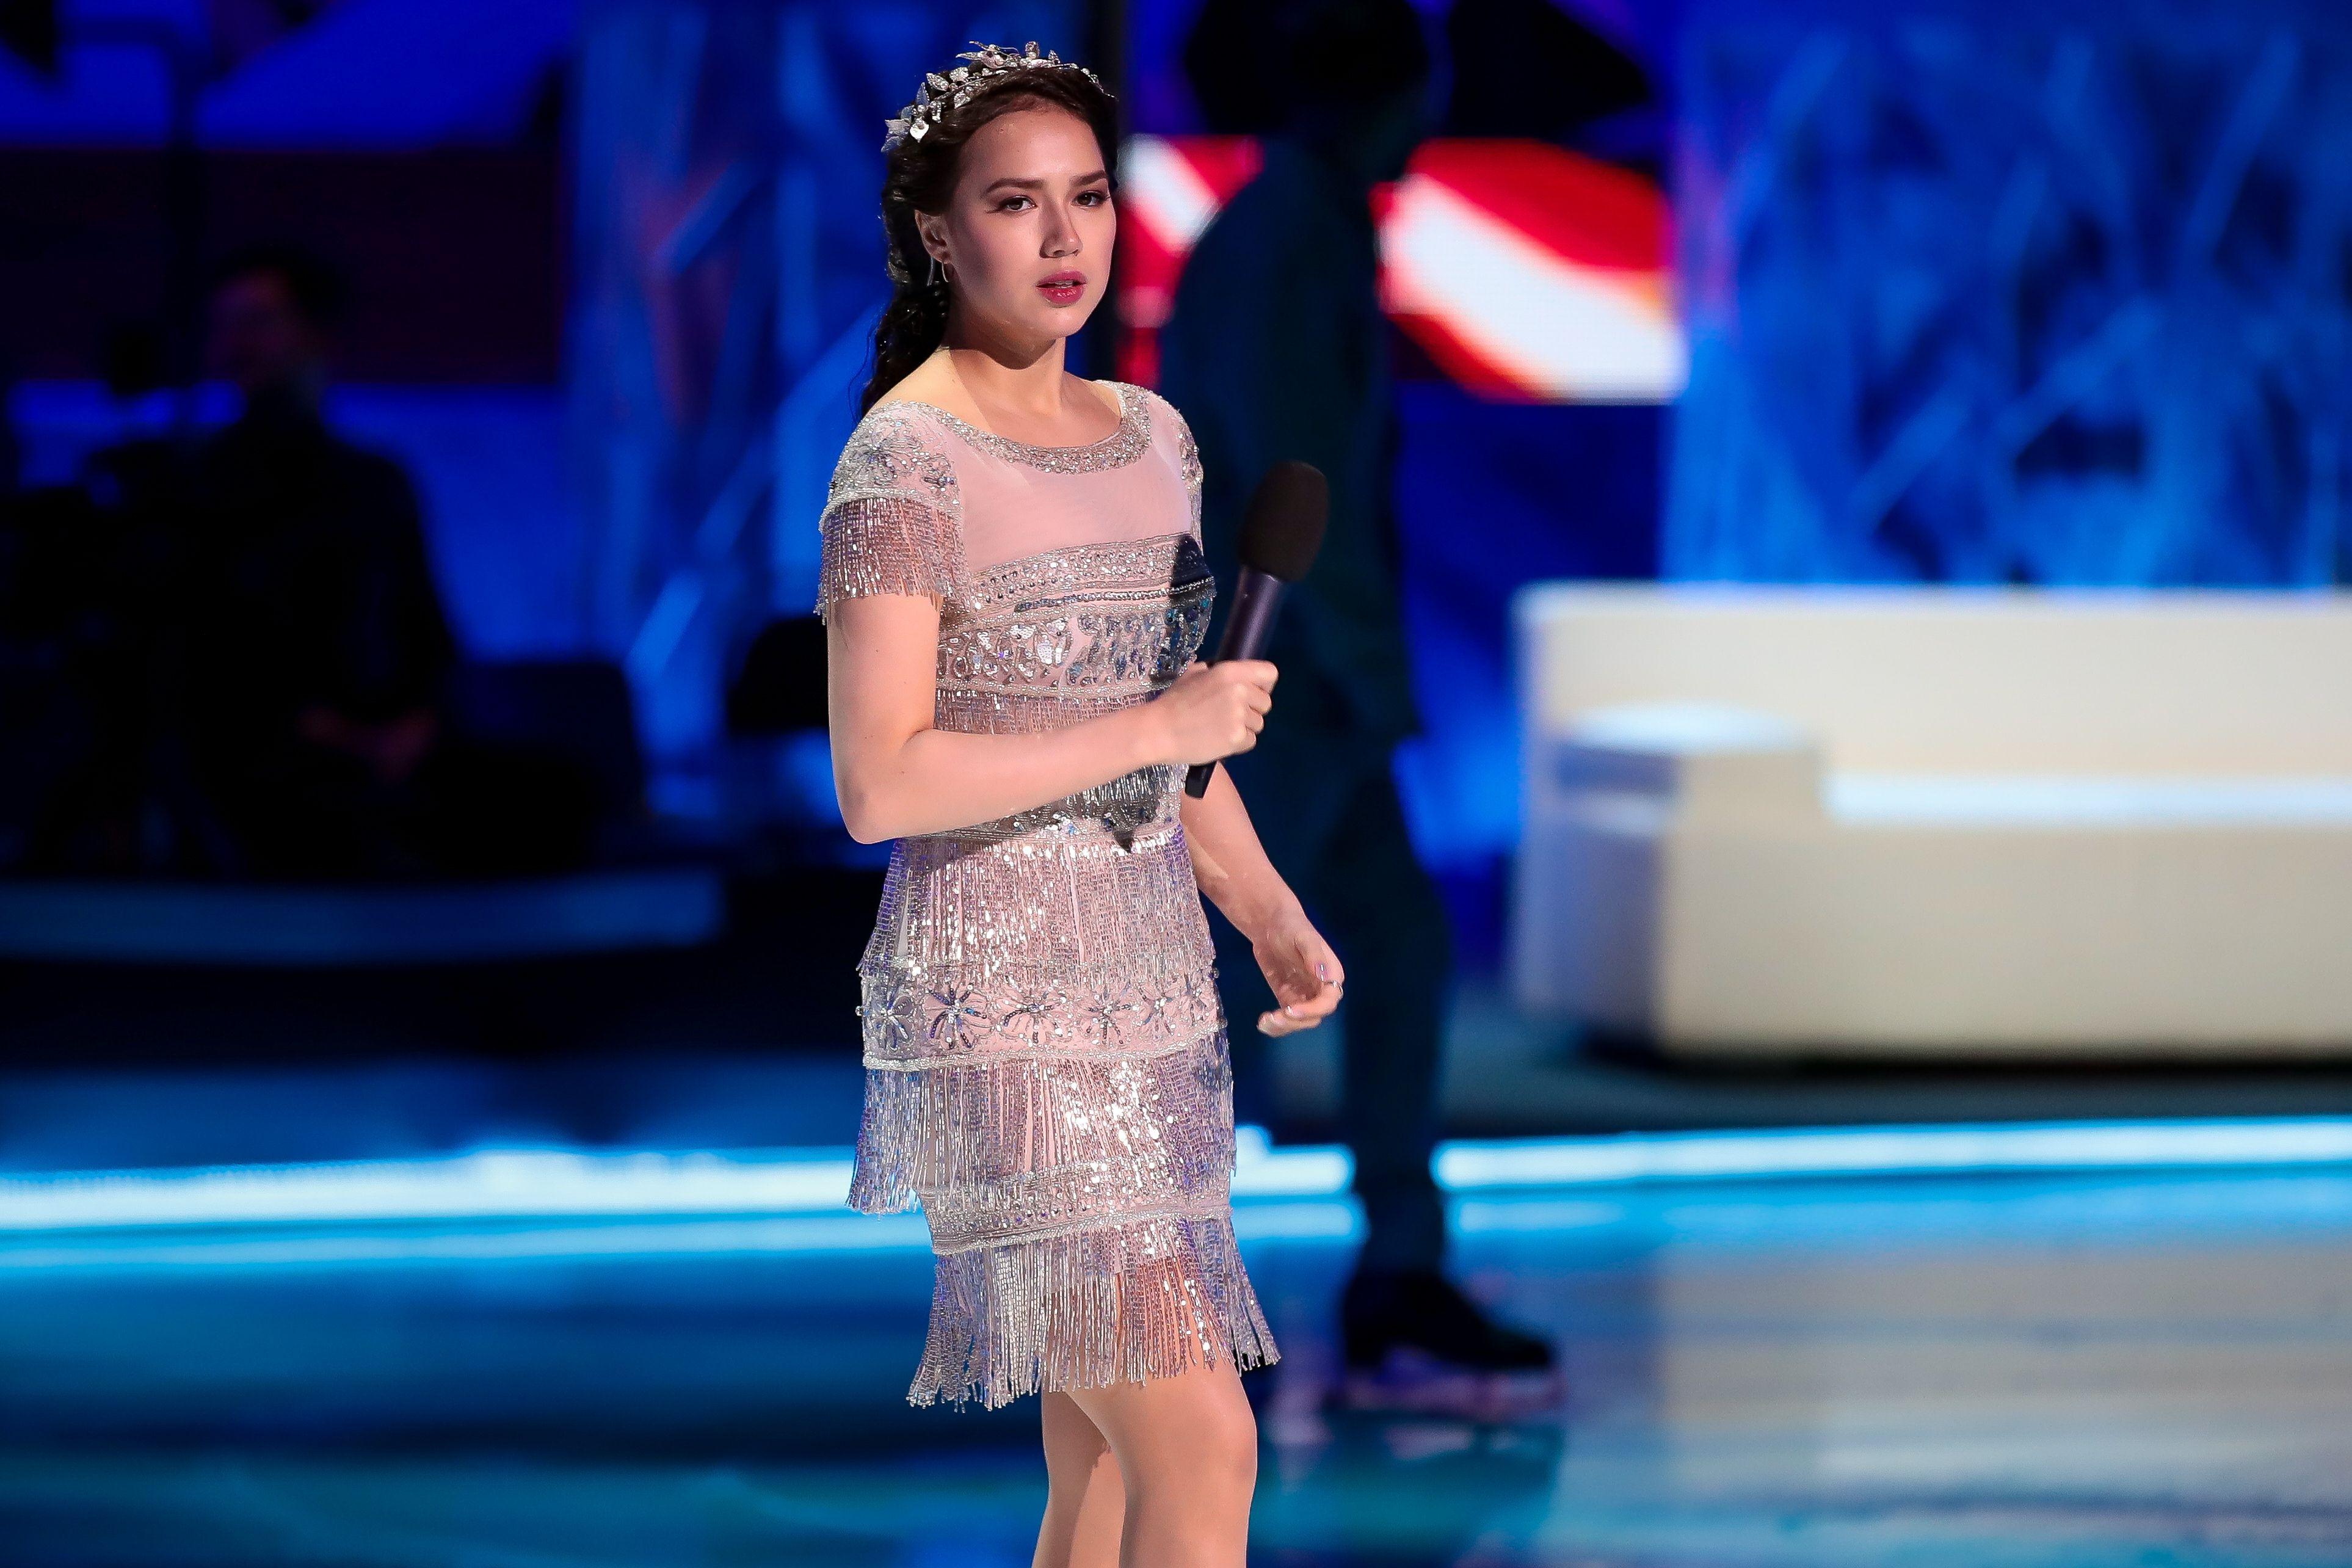 Жена Плющенко оценила шансы Загитовой выступить на Олимпиаде в Пекине